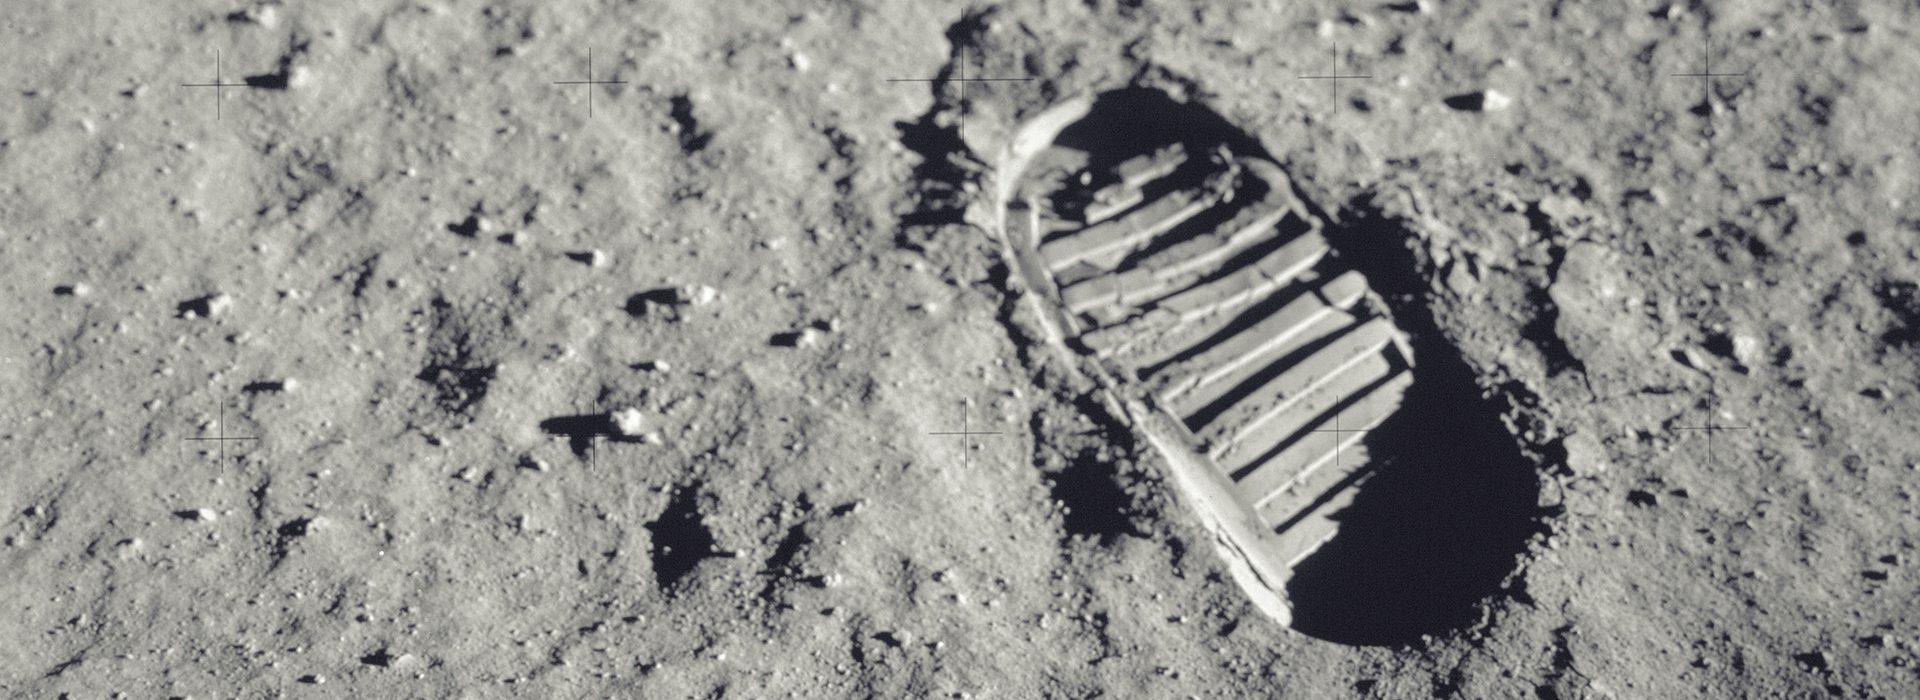 50 años del Apollo 11